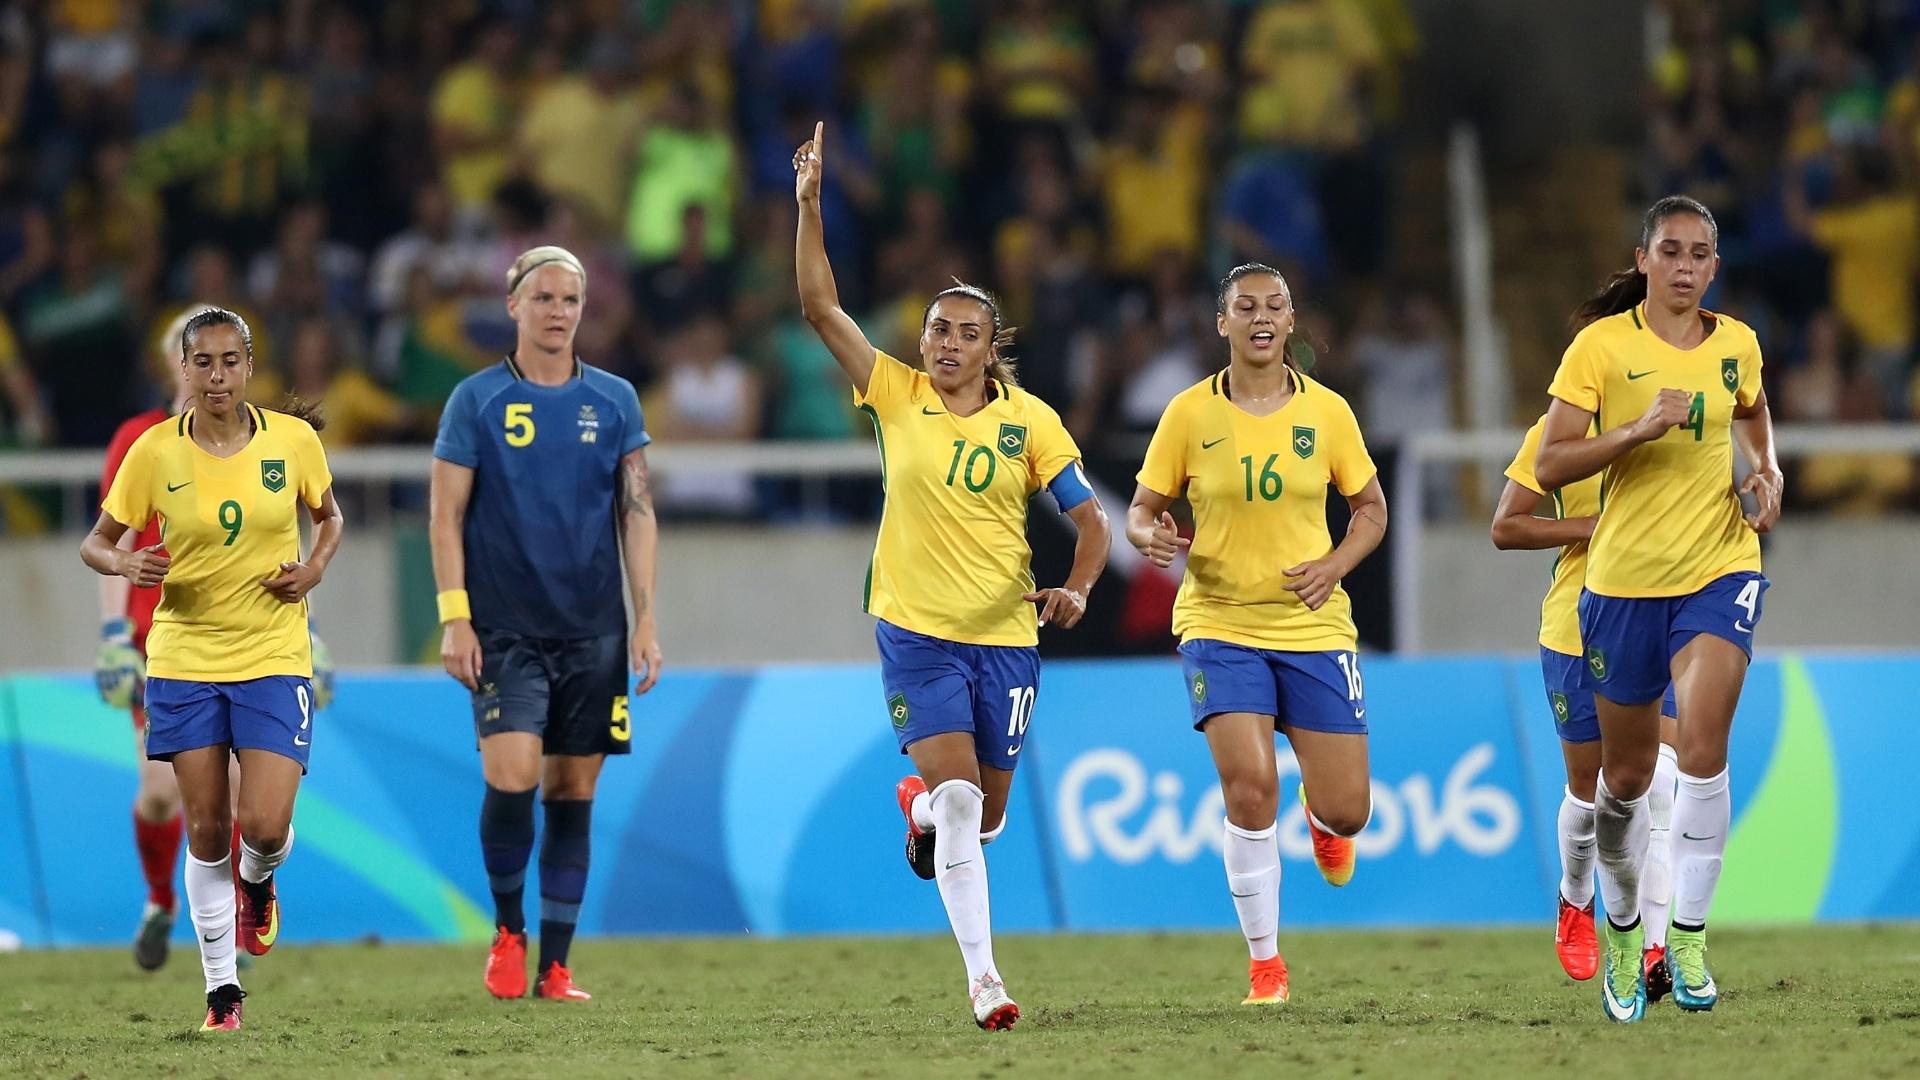 Marta, de pênalti, faz o terceiro gol da seleção feminina de futebol contra a Suécia